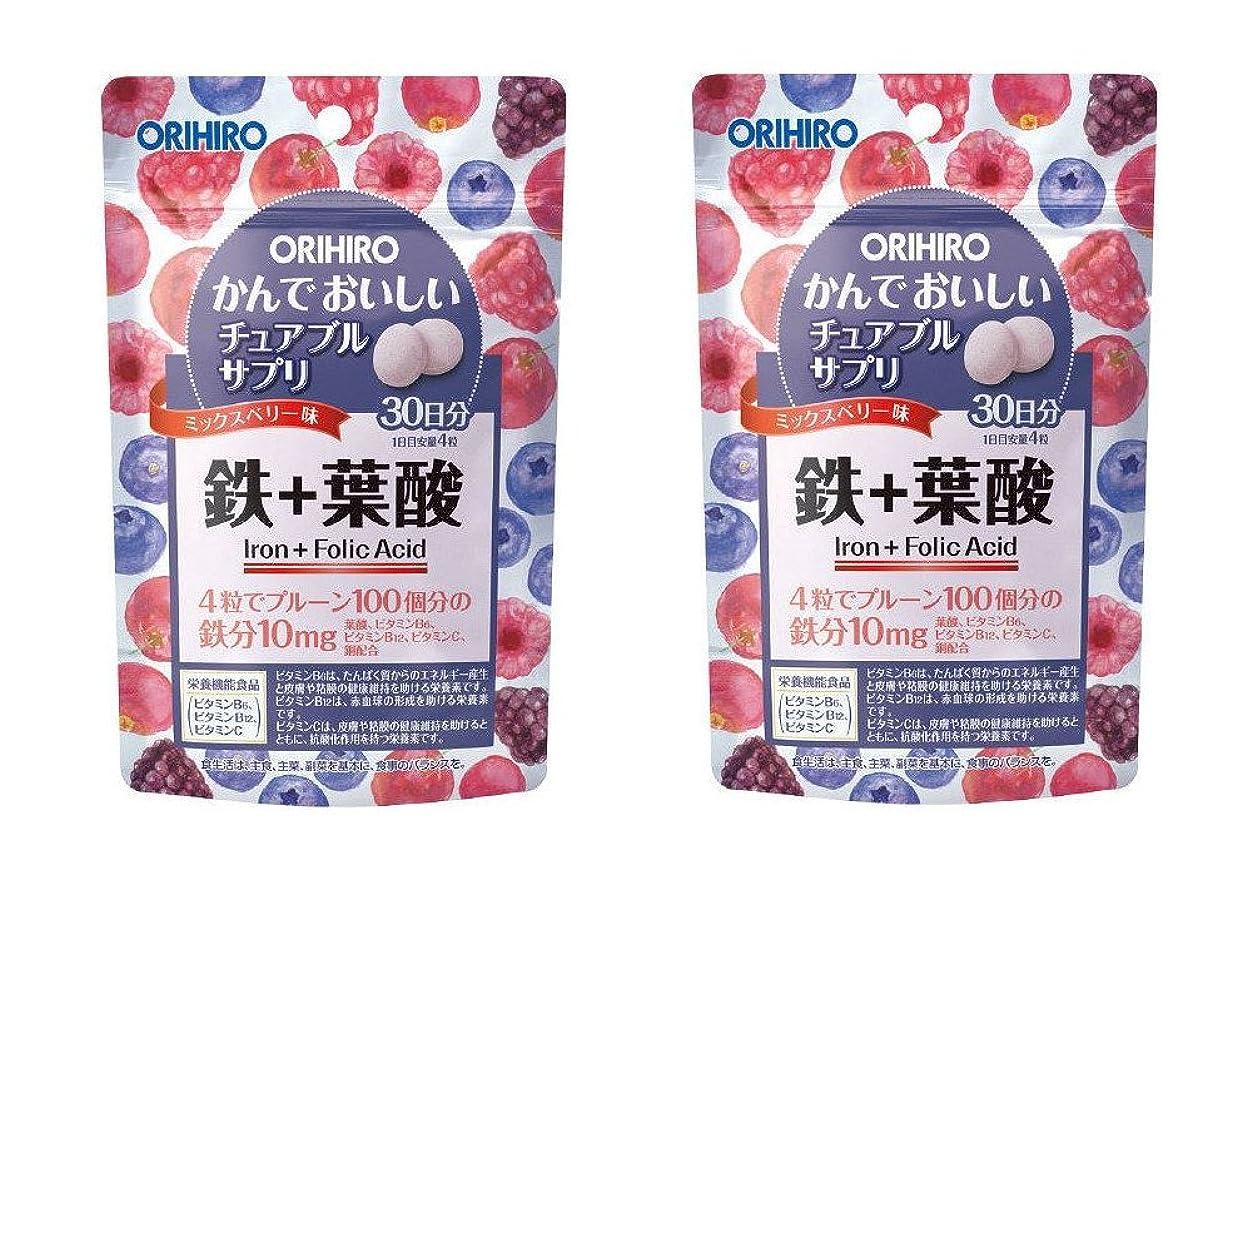 平均不承認汚染された【お試し2個】 オリヒロ かんでおいしいチュアブルサプリ 鉄+葉酸 120粒